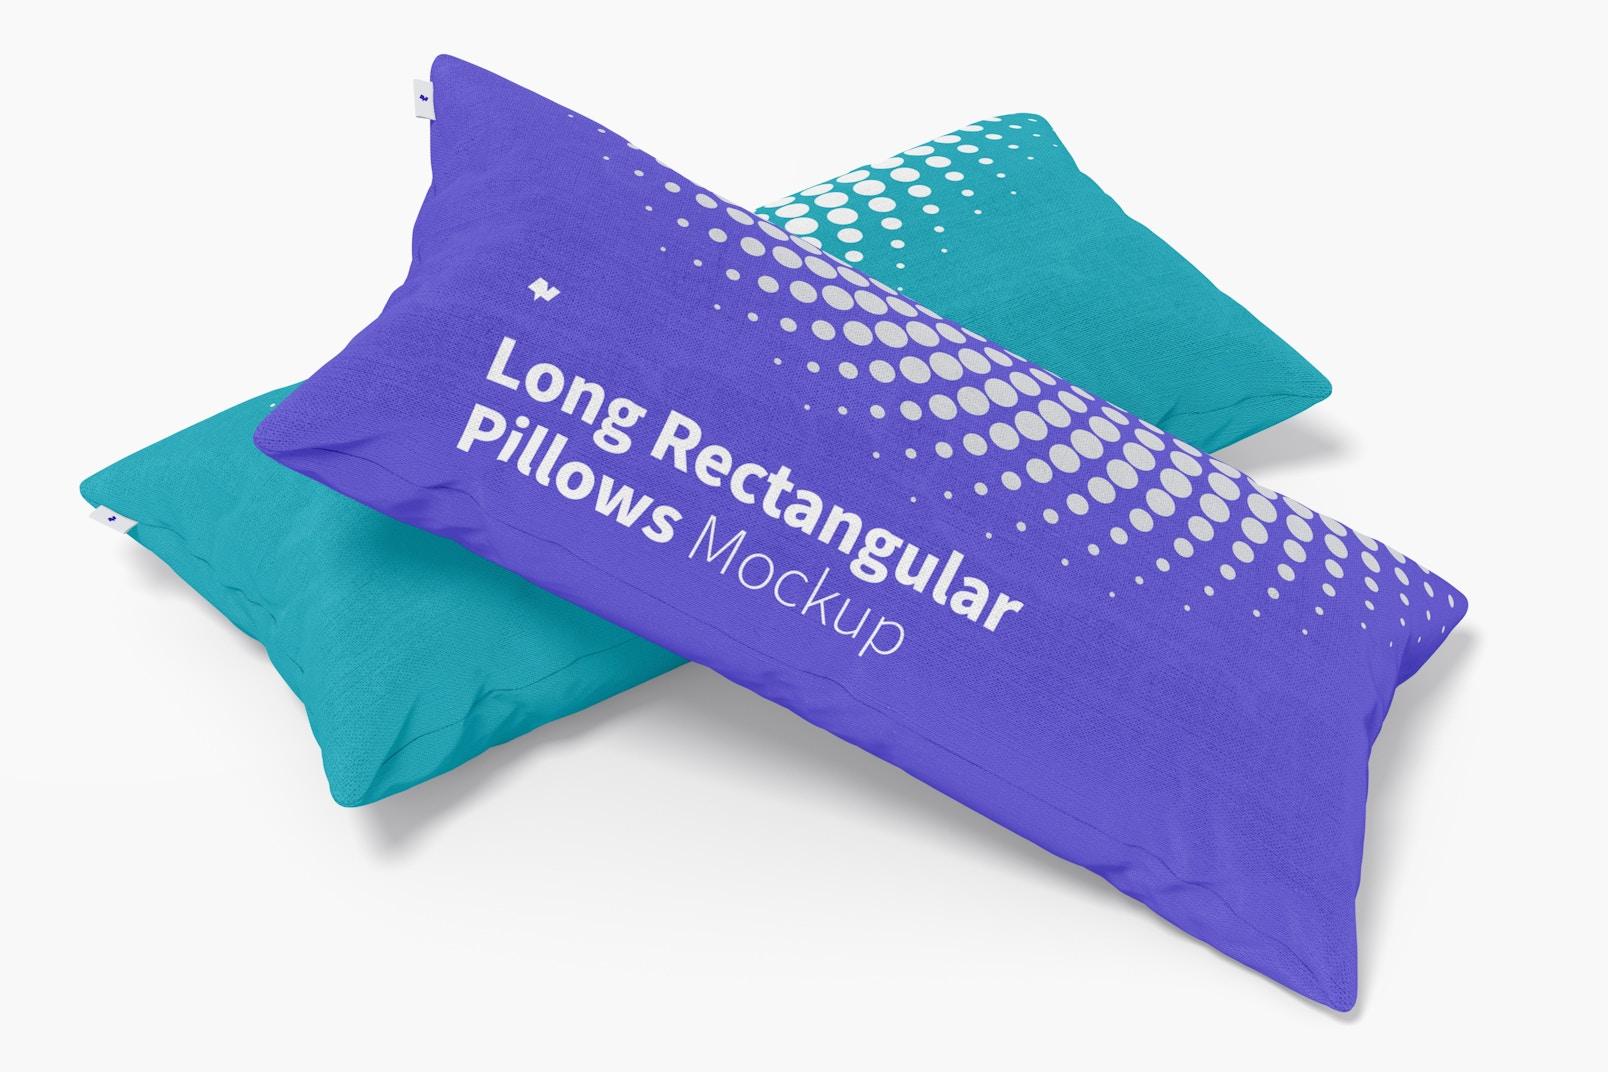 Long Rectangular Pillows Mockup, Perspective